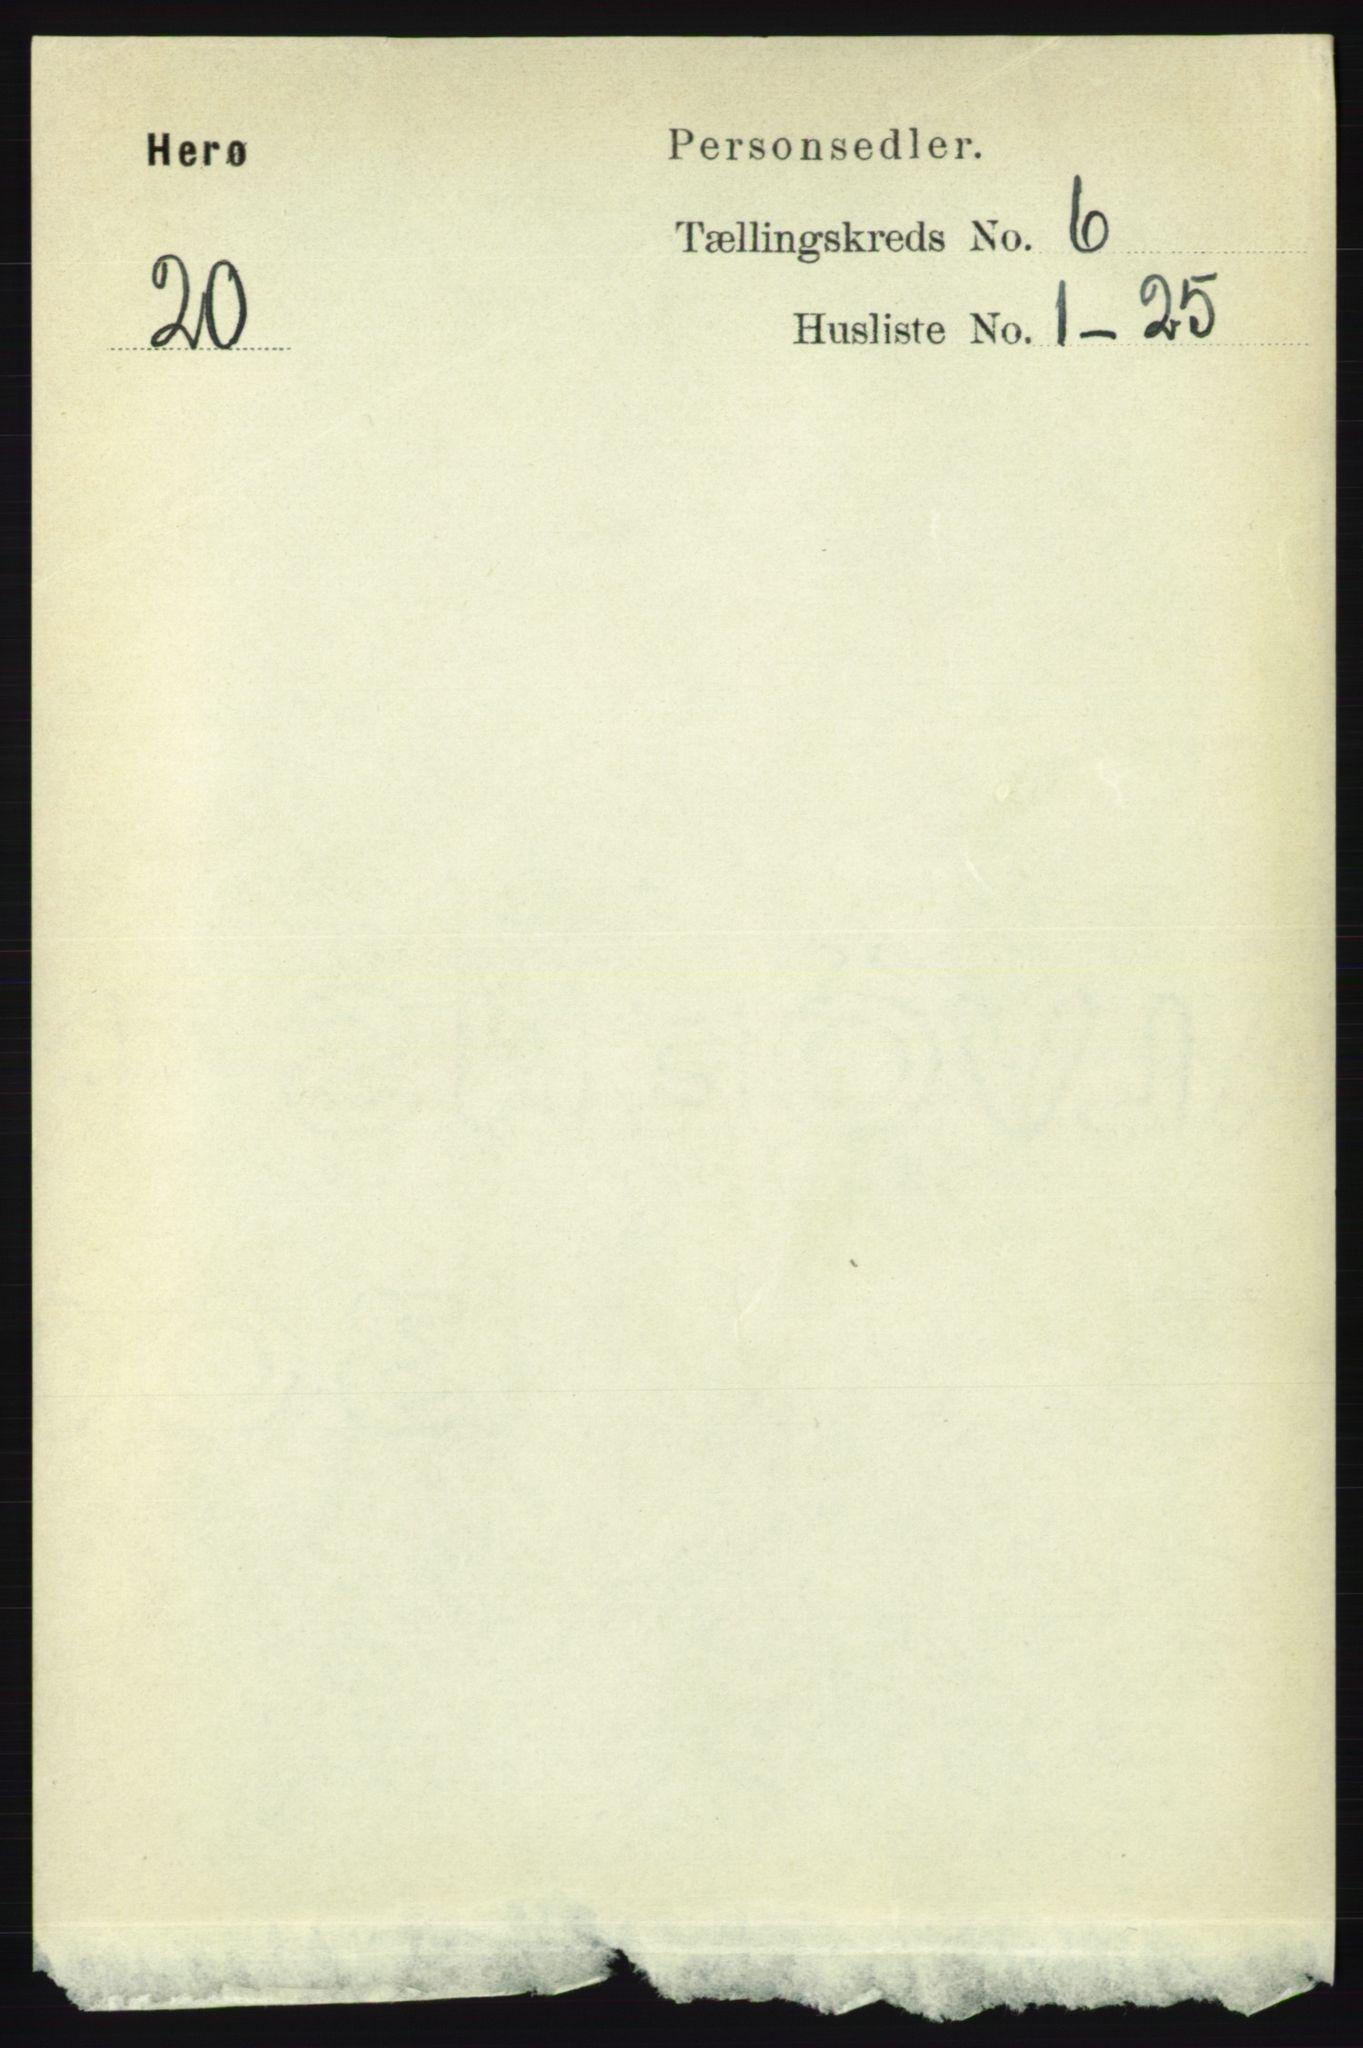 RA, Folketelling 1891 for 1818 Herøy herred, 1891, s. 1915